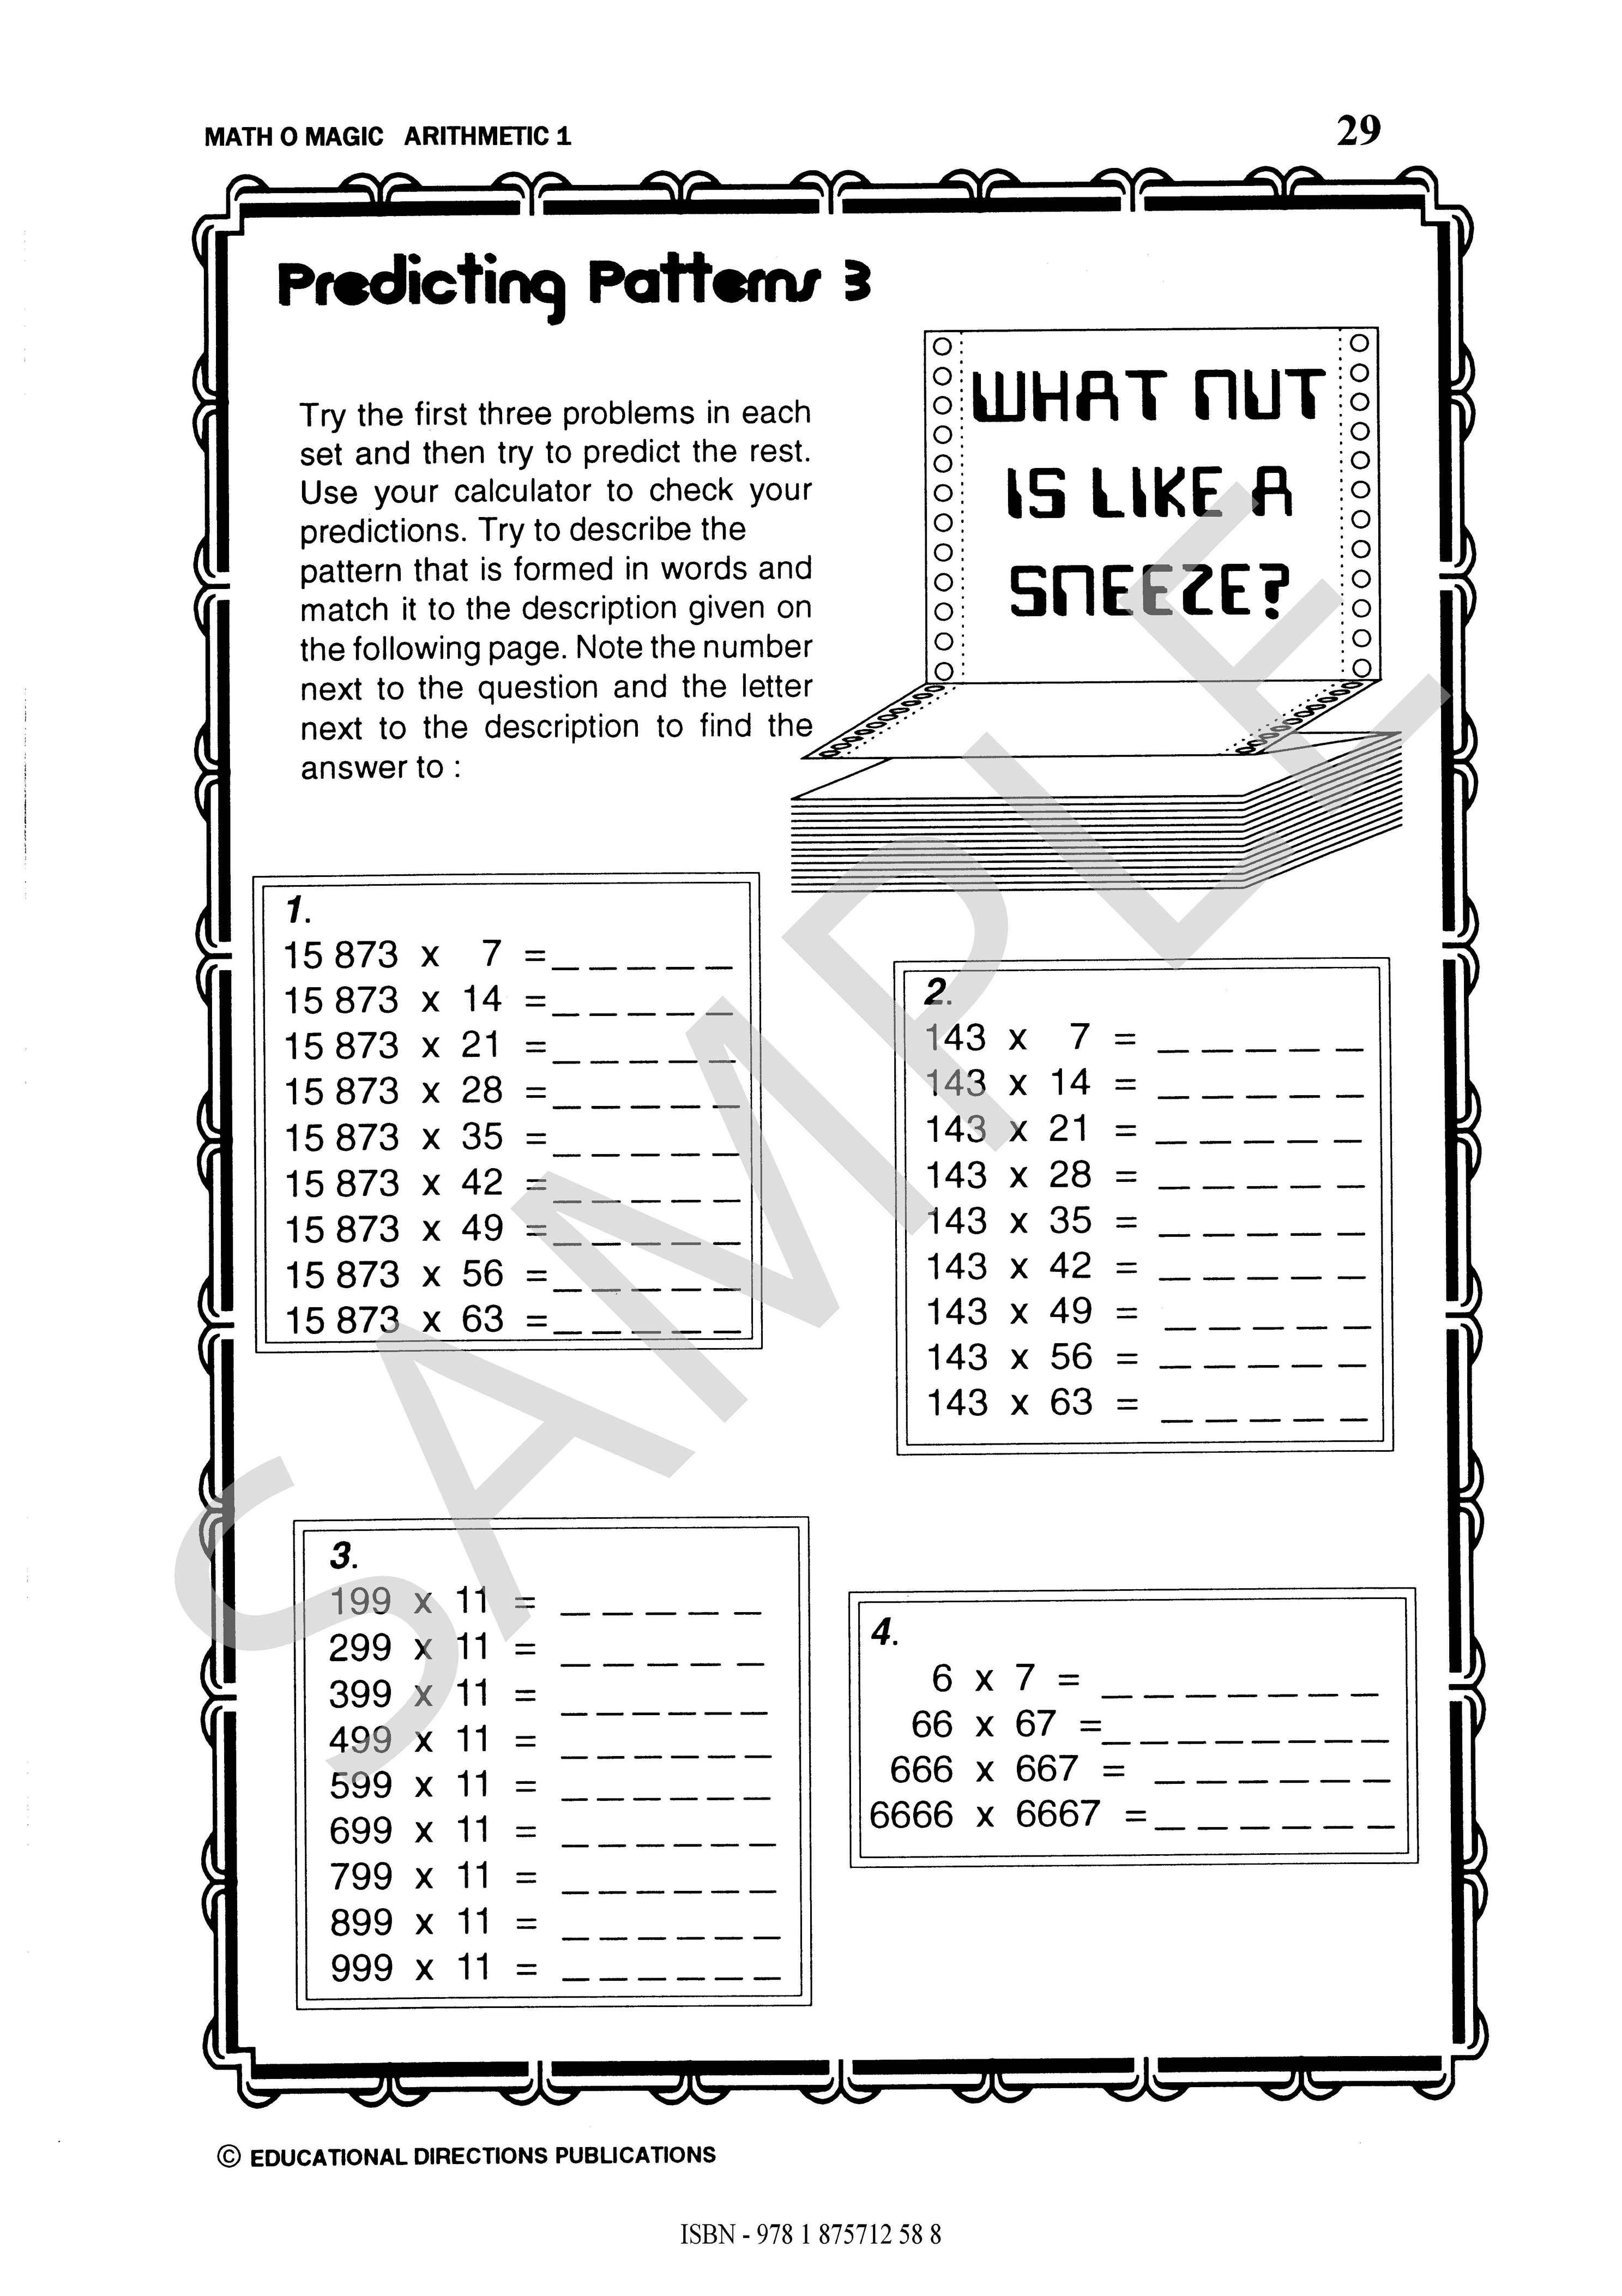 Math O Magic Arithmetic 1 Ed Publications